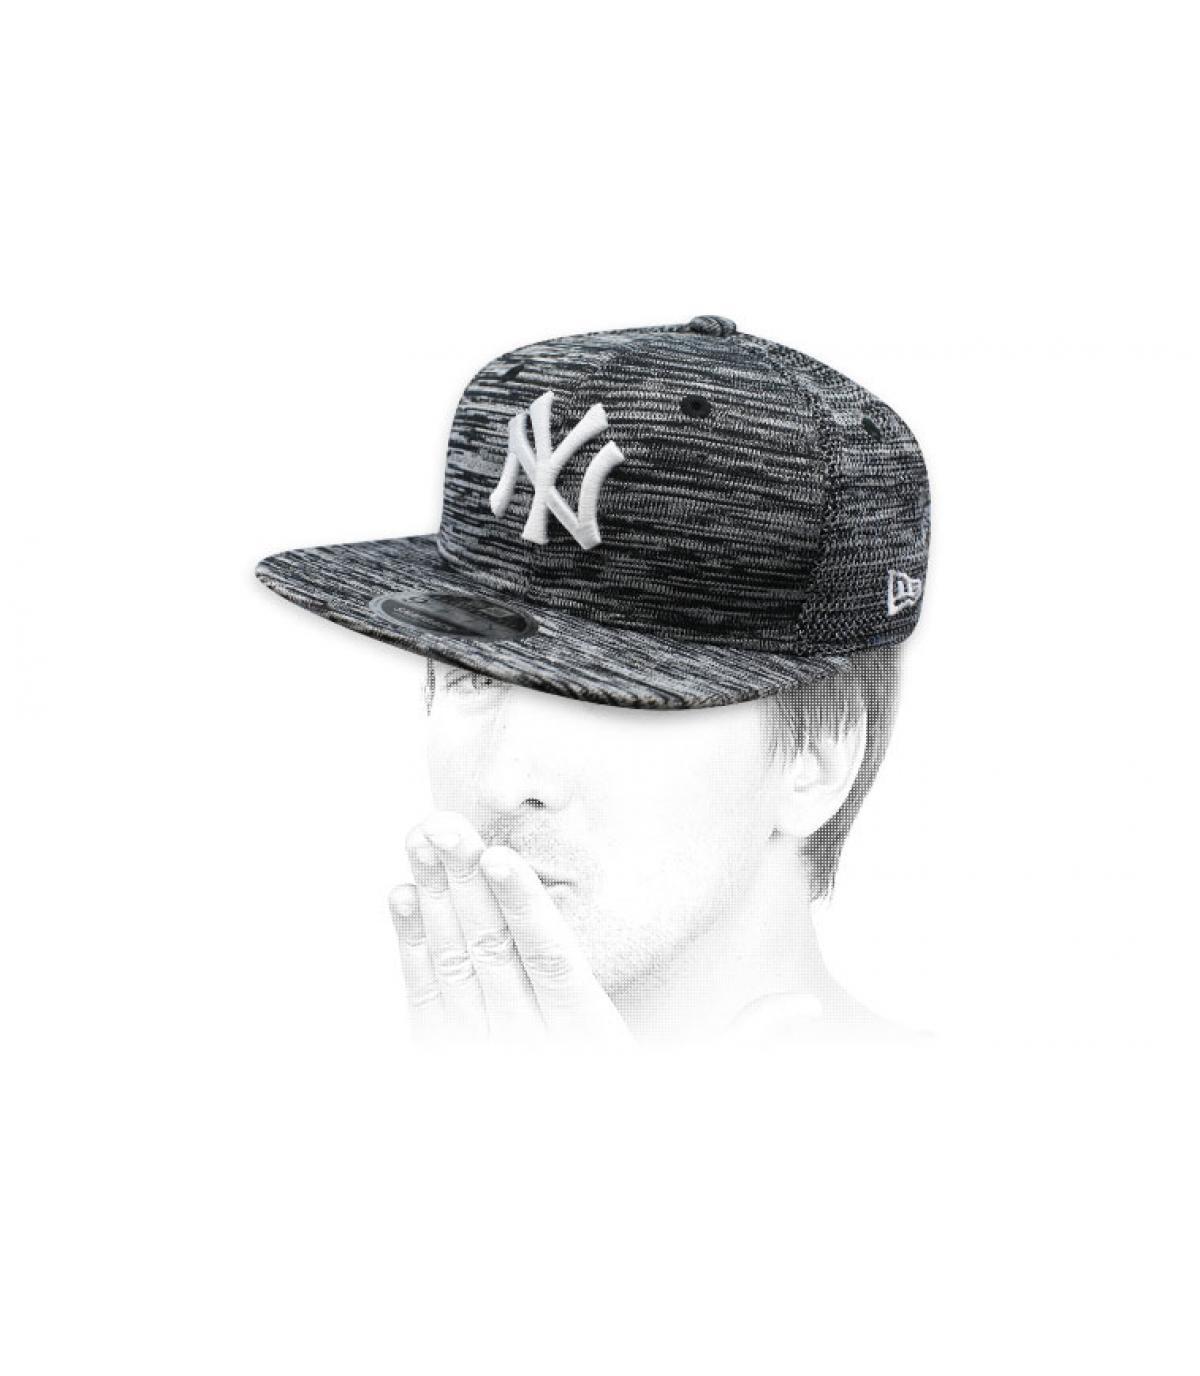 grijze, door NY ontworpen snapback